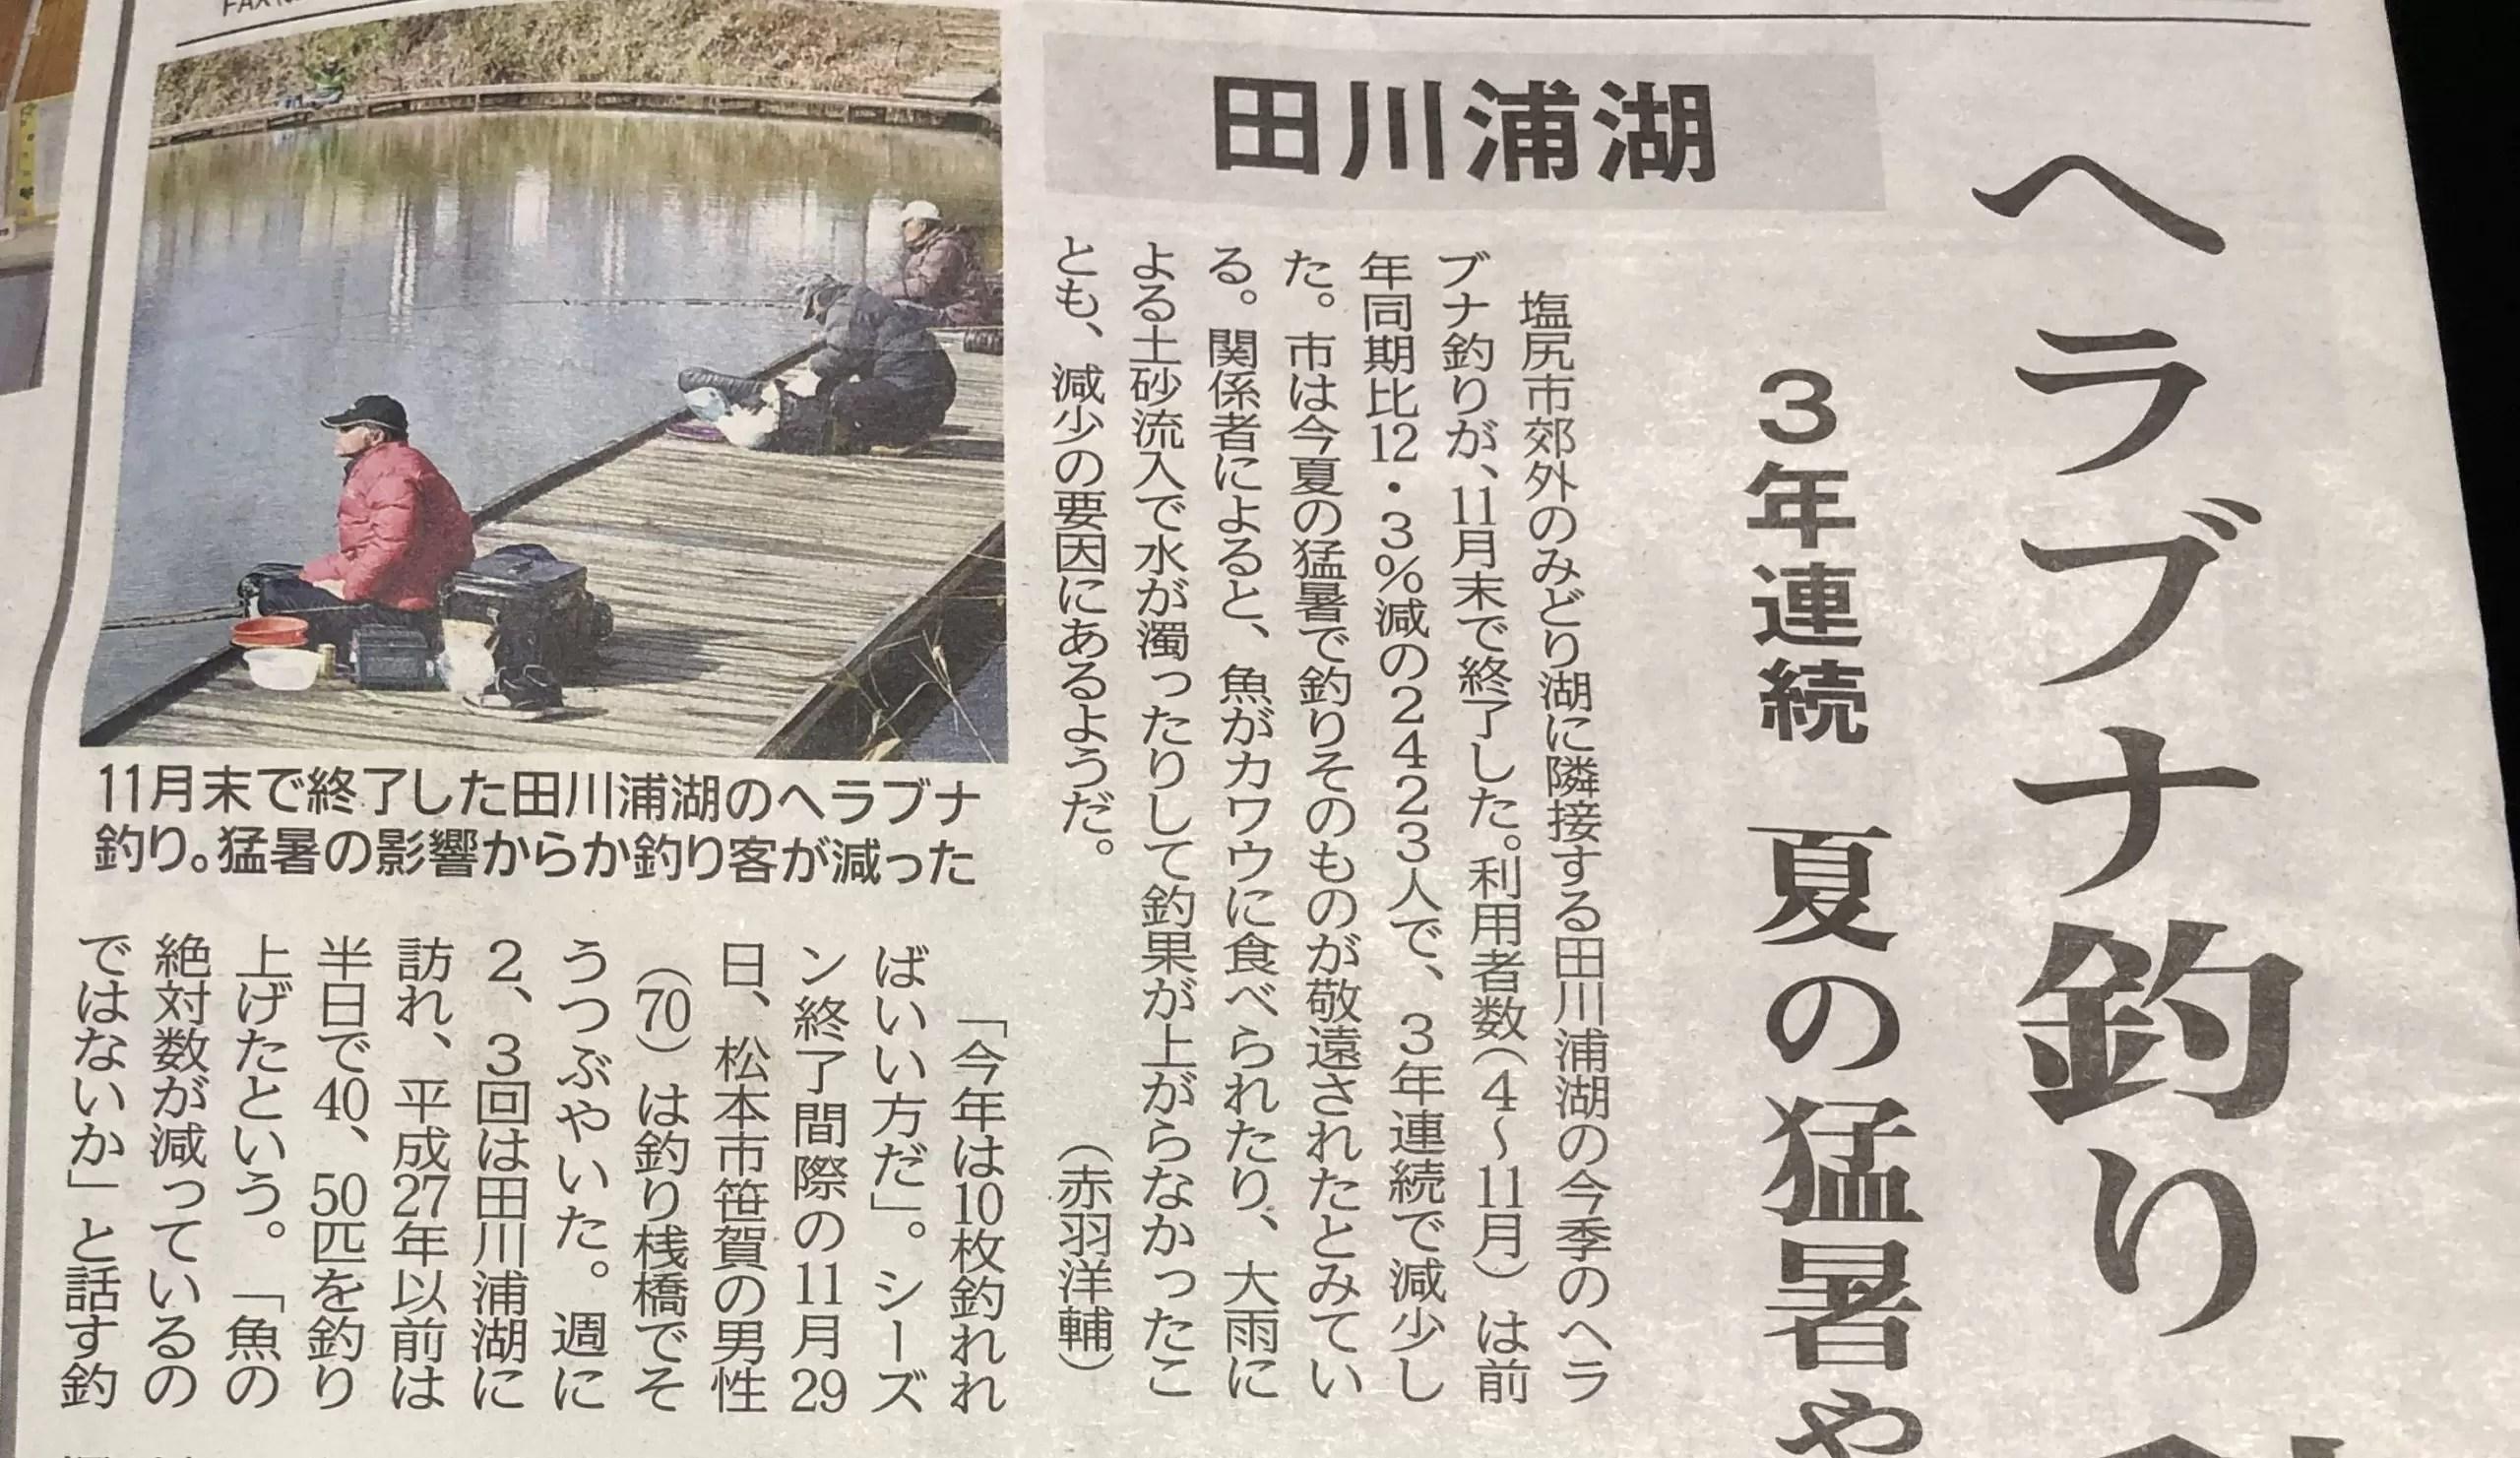 田川浦湖のヘラブナ釣り師が減少傾向という記事